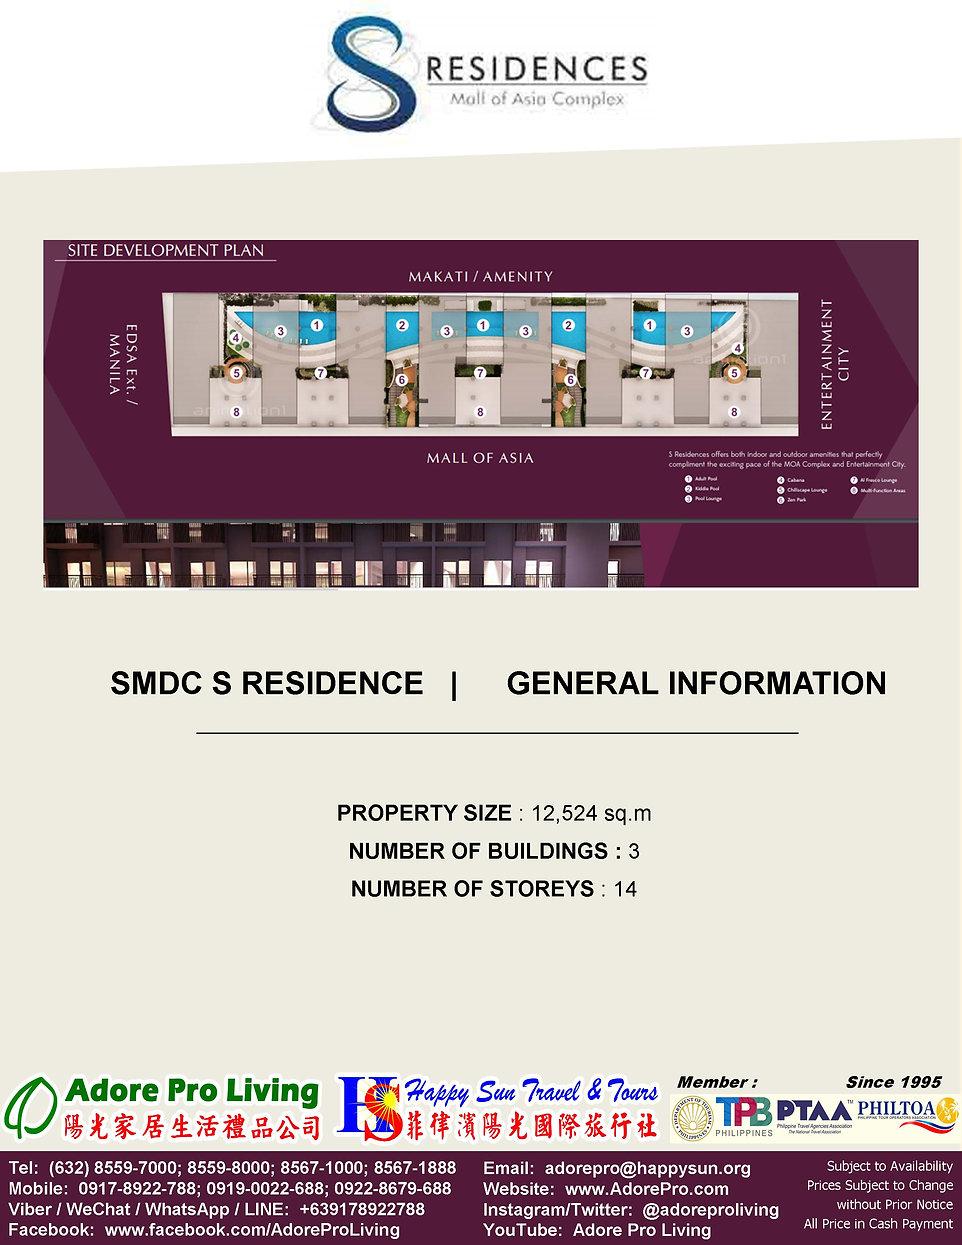 6.10.SMDC_S-Residences_MOA_1026_1027.jpg